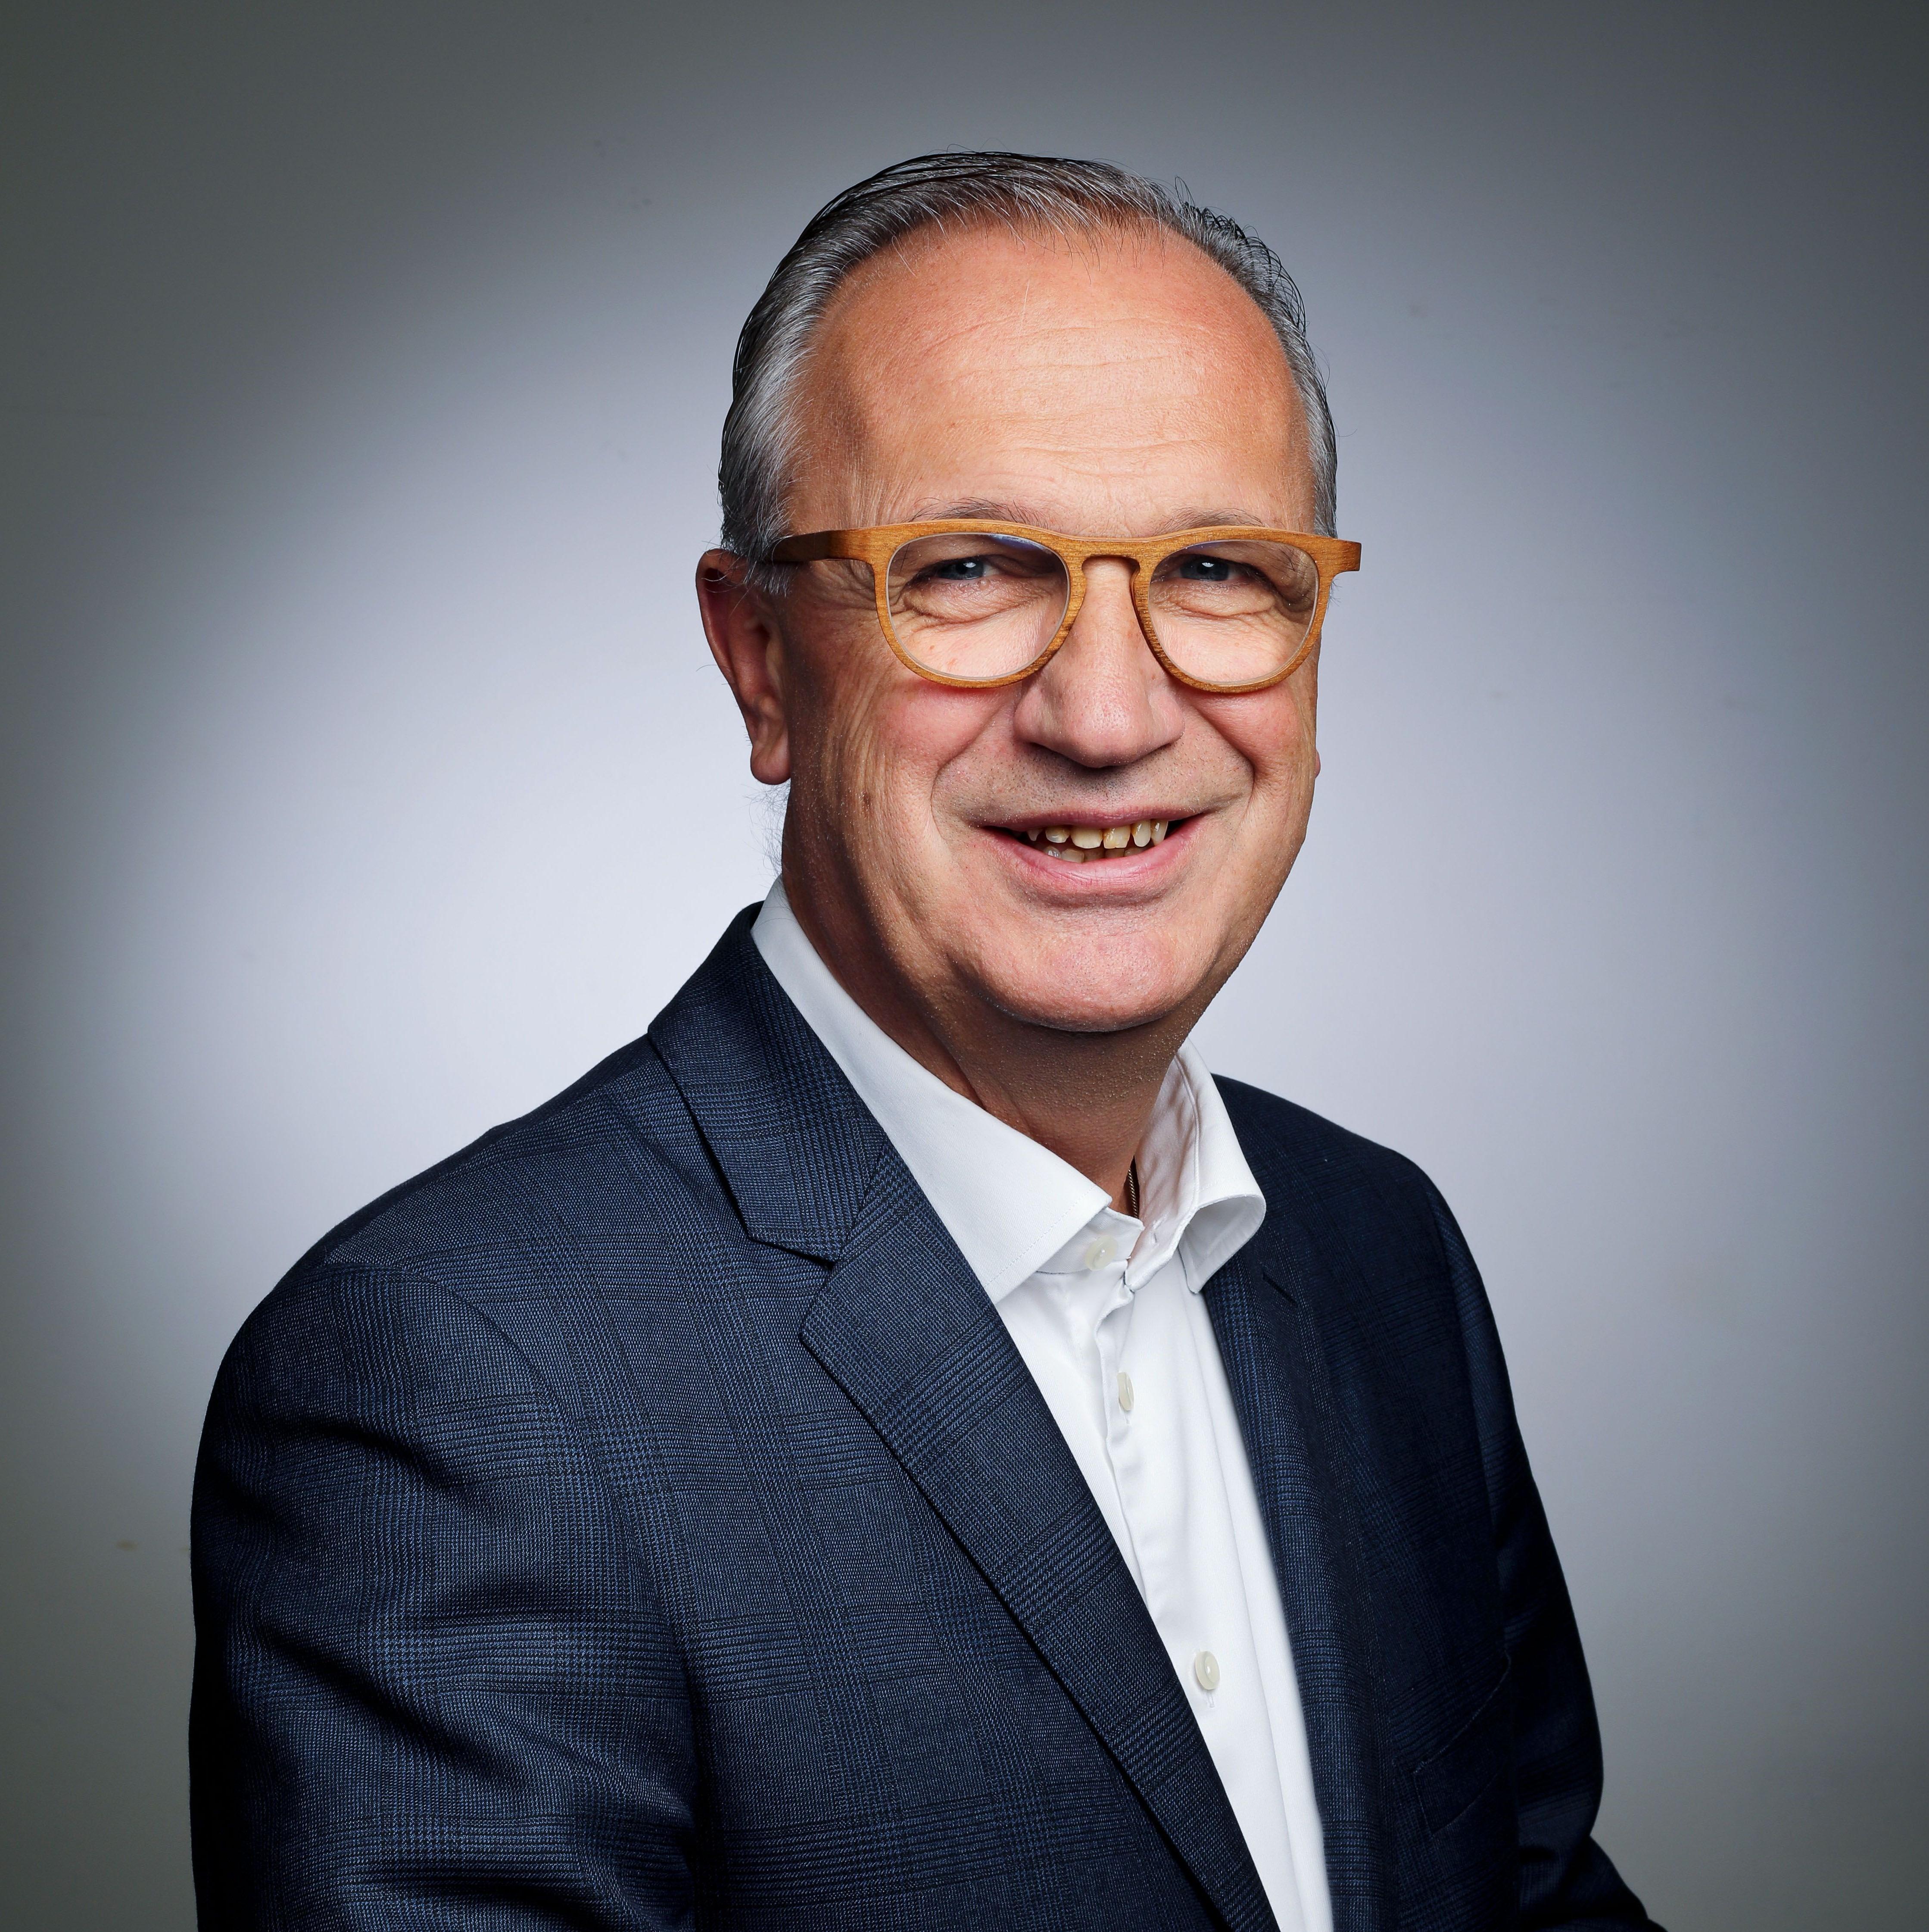 Samen Tegen Voedselverspilling - Stakeholders - Gemeente Meierijstad - Jan Goijaarts